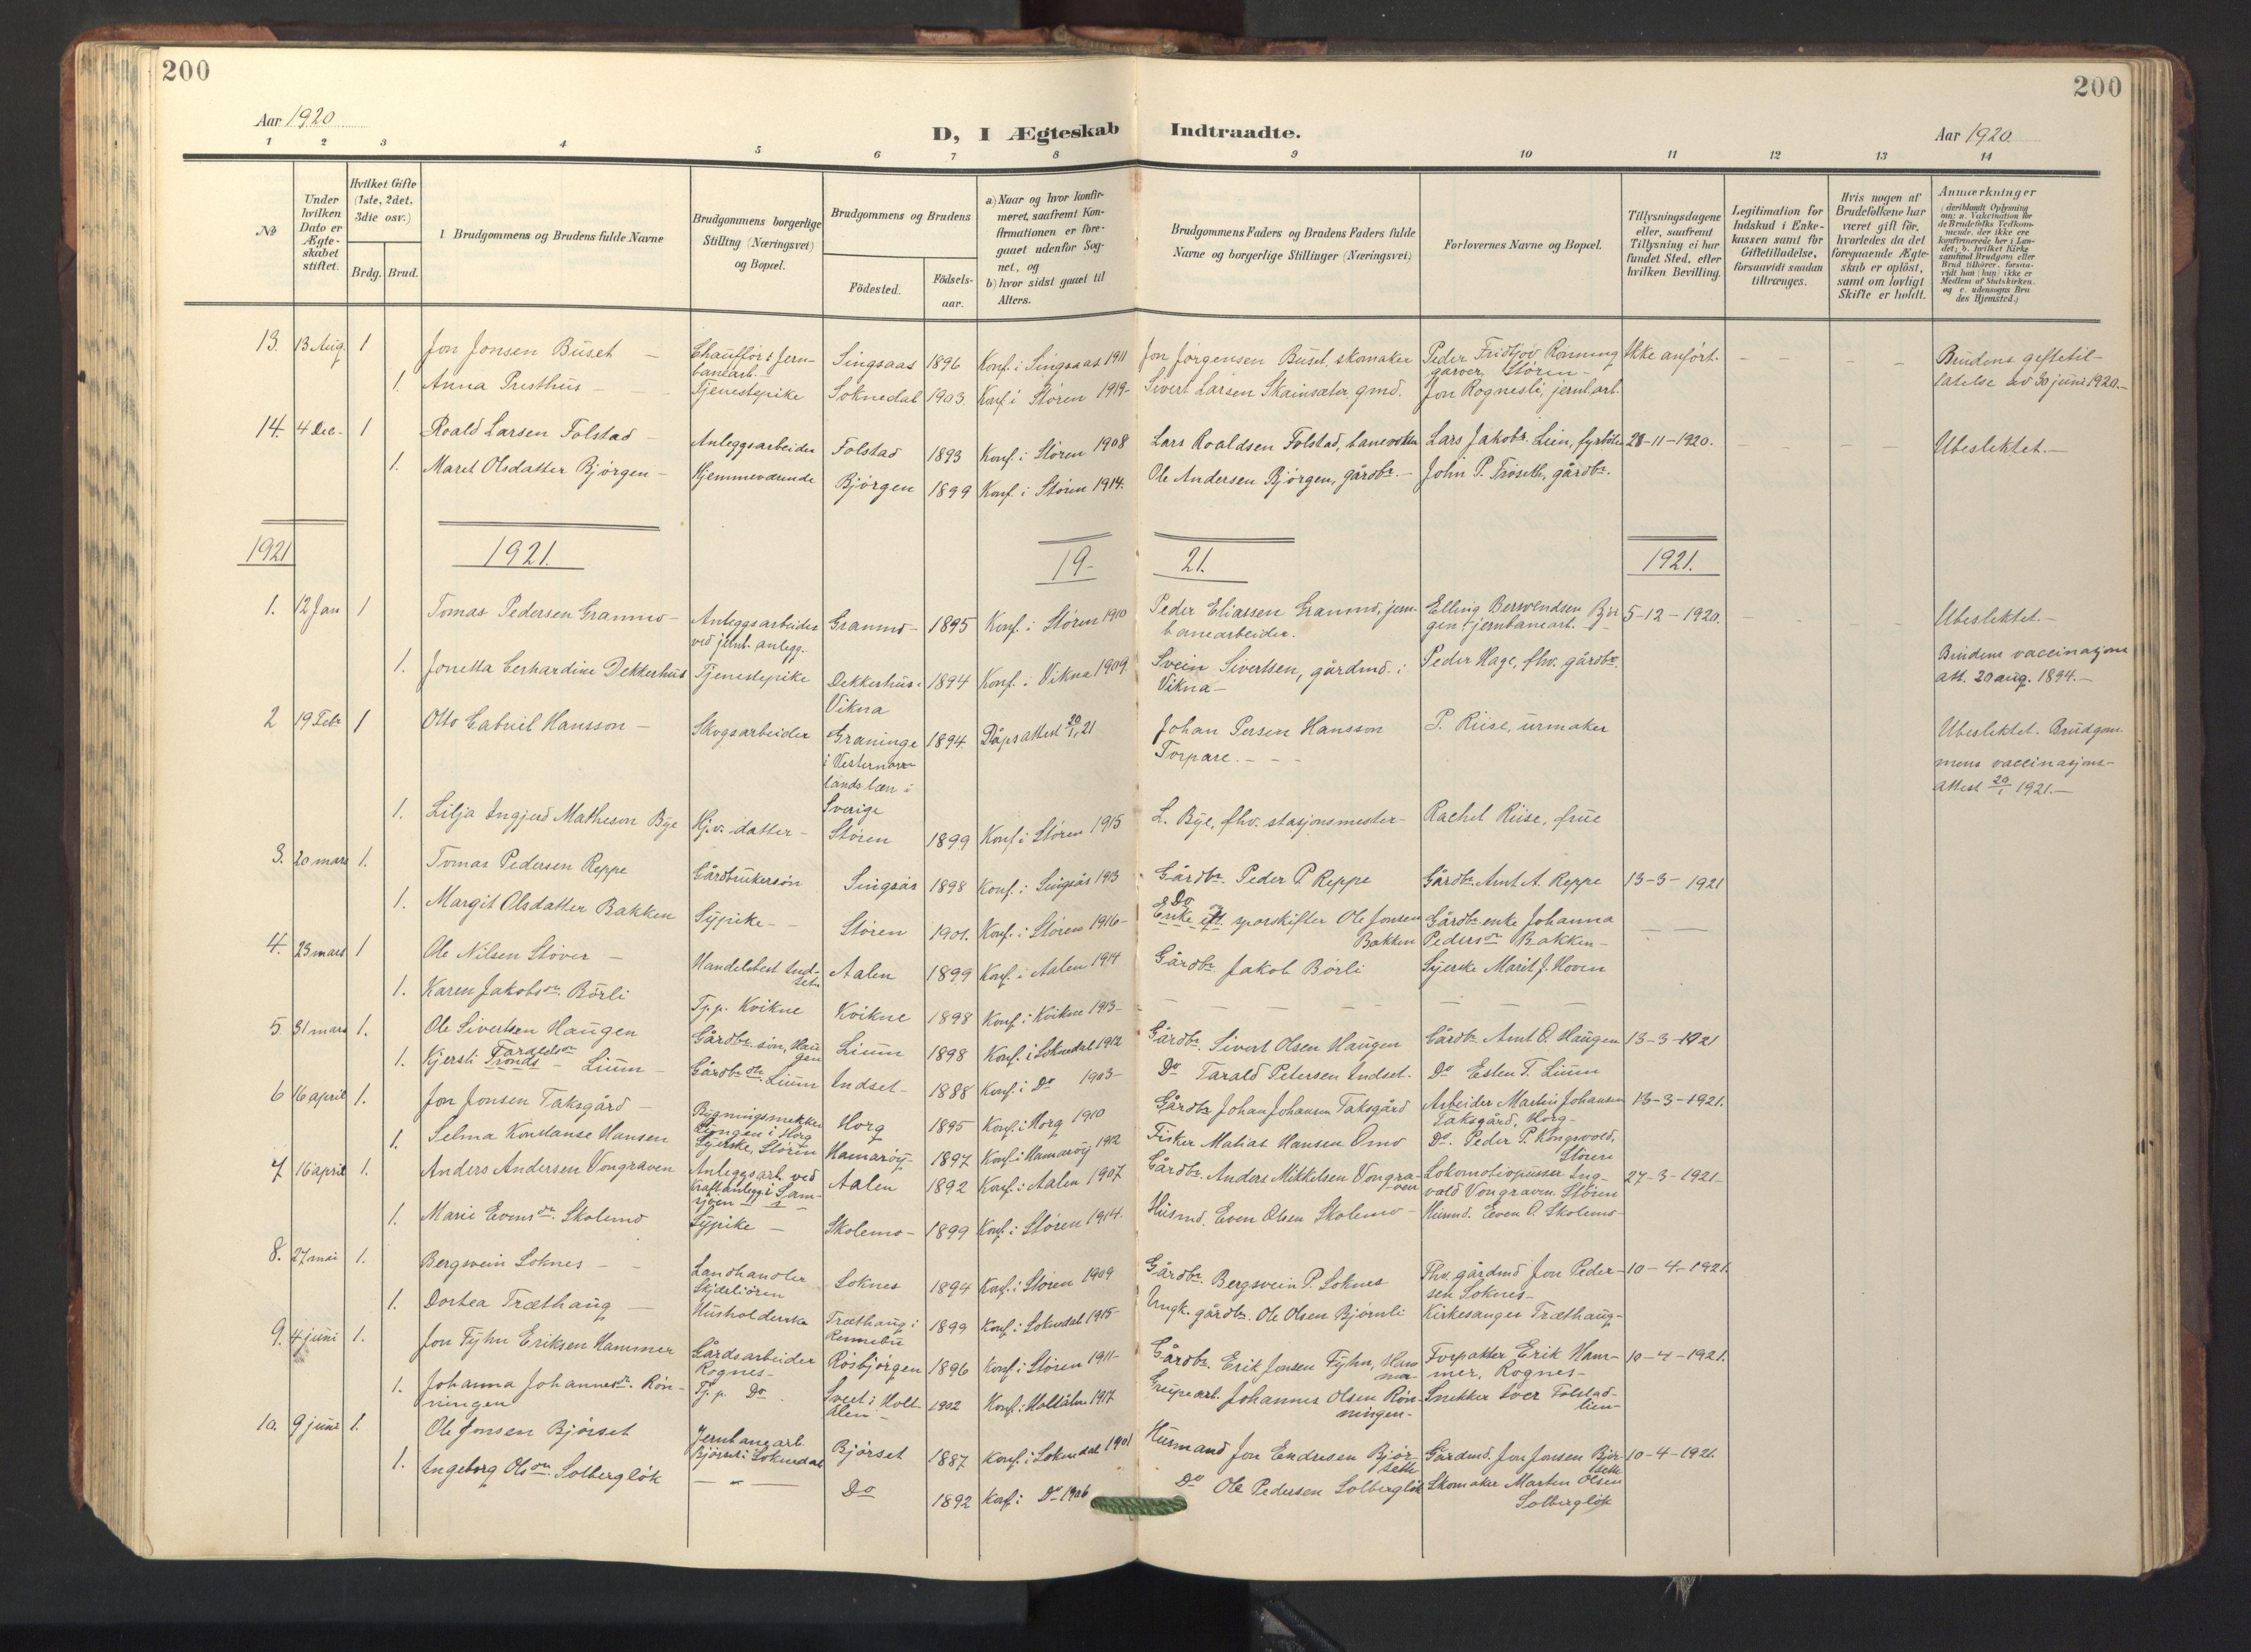 SAT, Ministerialprotokoller, klokkerbøker og fødselsregistre - Sør-Trøndelag, 687/L1019: Klokkerbok nr. 687C03, 1904-1931, s. 200